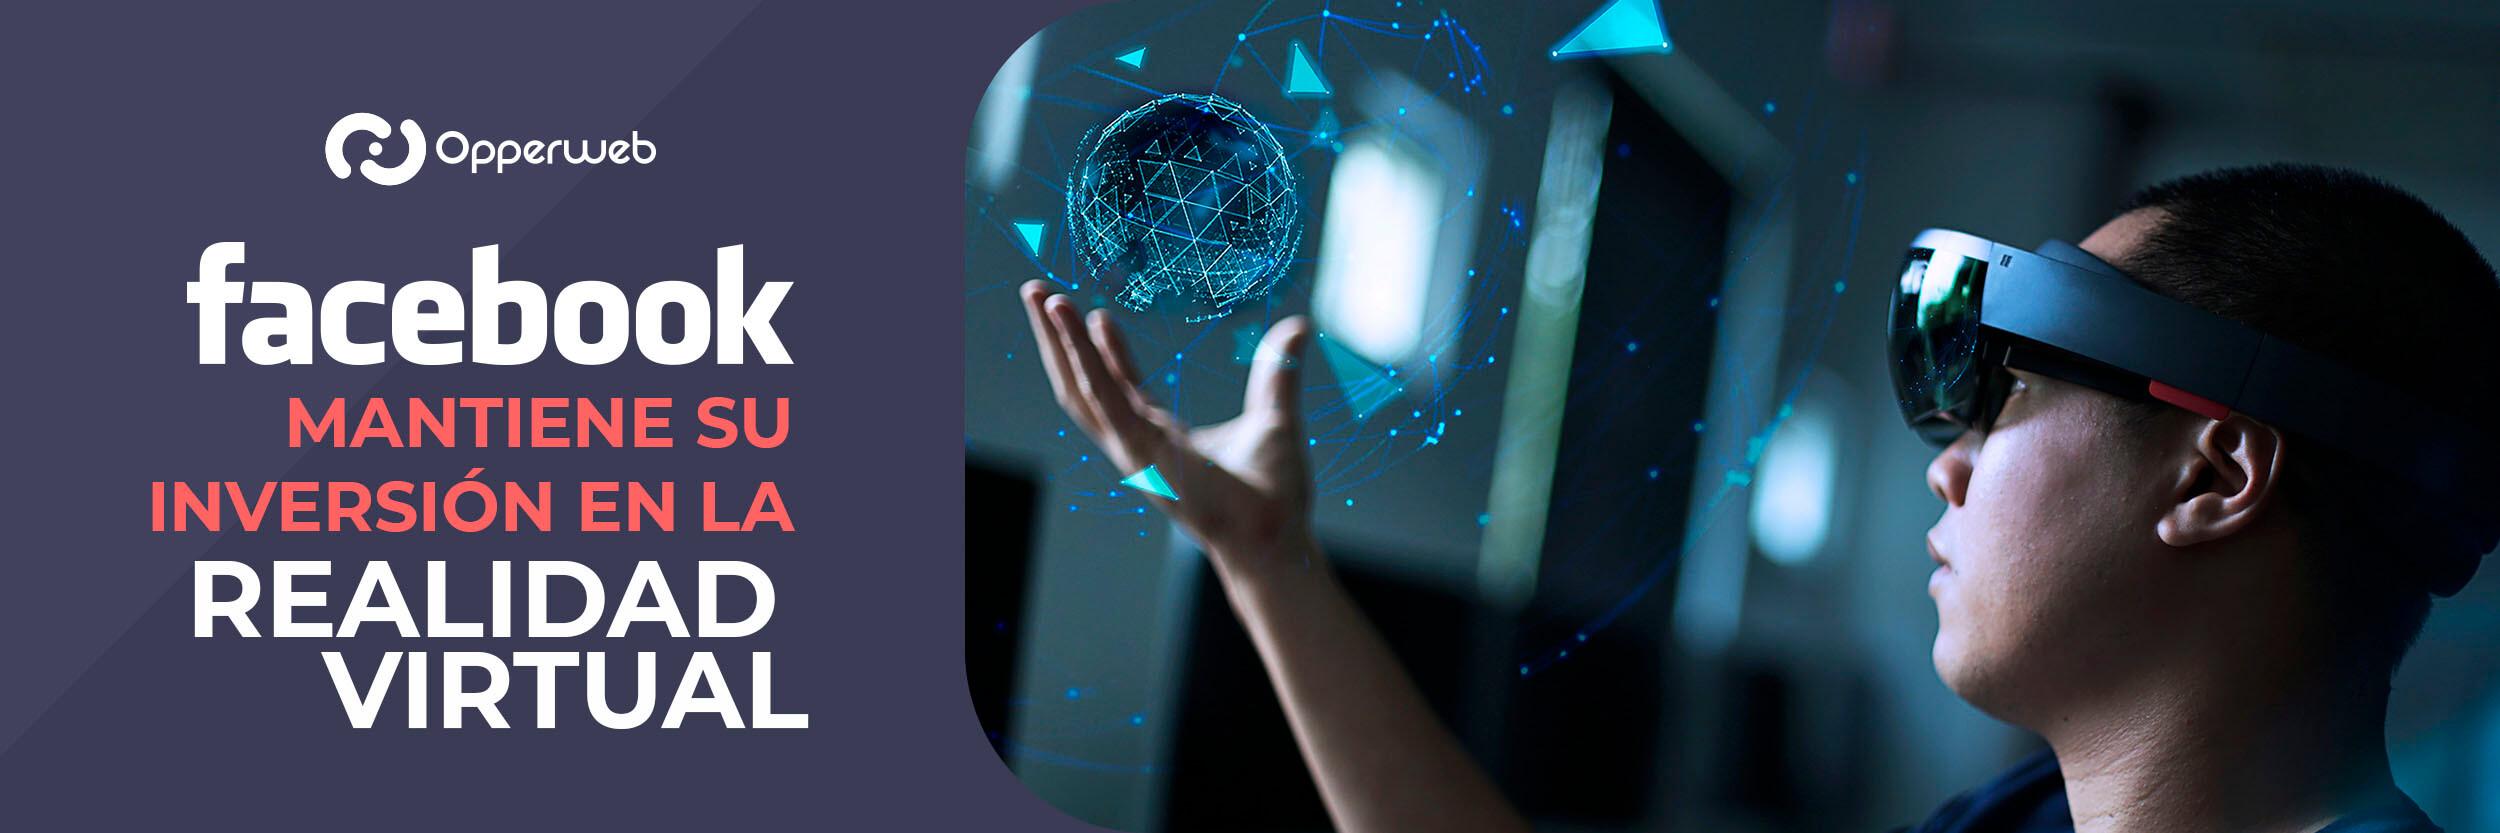 Facebook mantiene su inversión en la realidad virtual